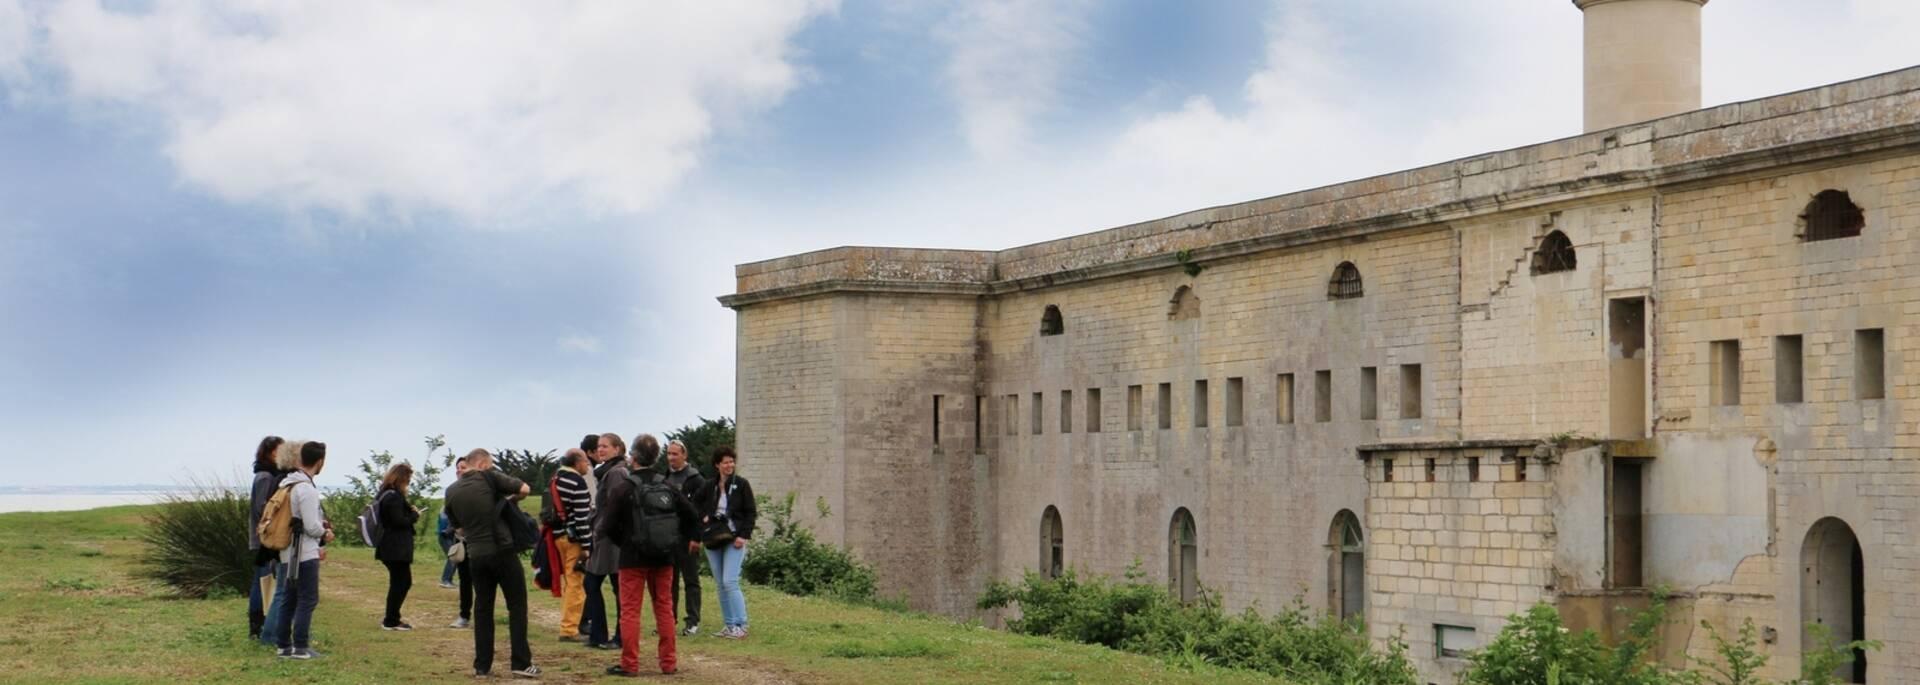 Visite du fort de l'île Madame - © Office de tourisme Rochefort Océan